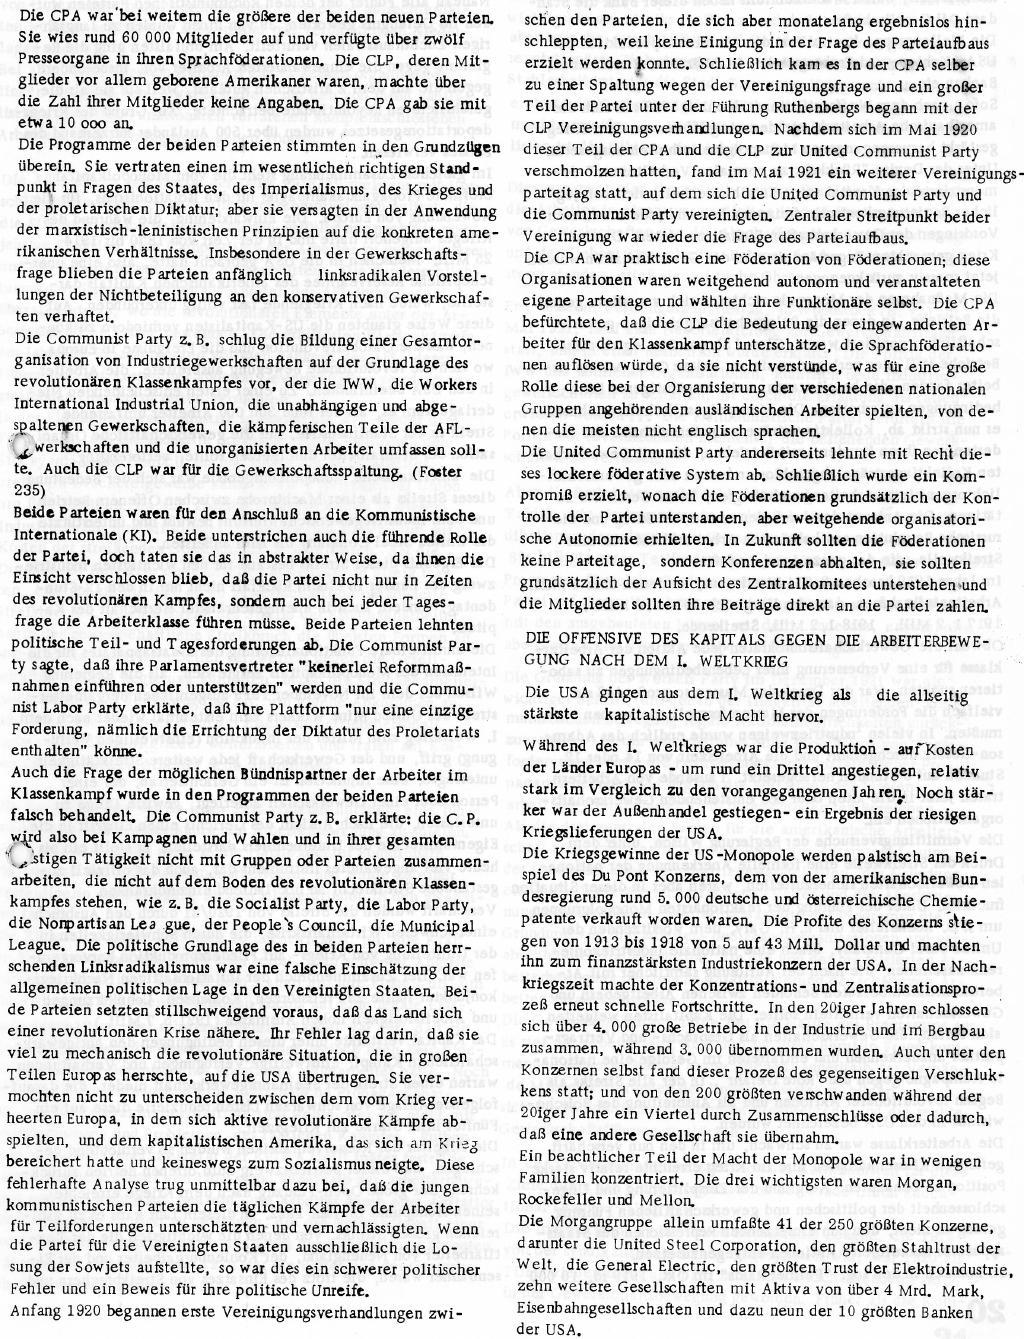 RPK_1971_096_097_19